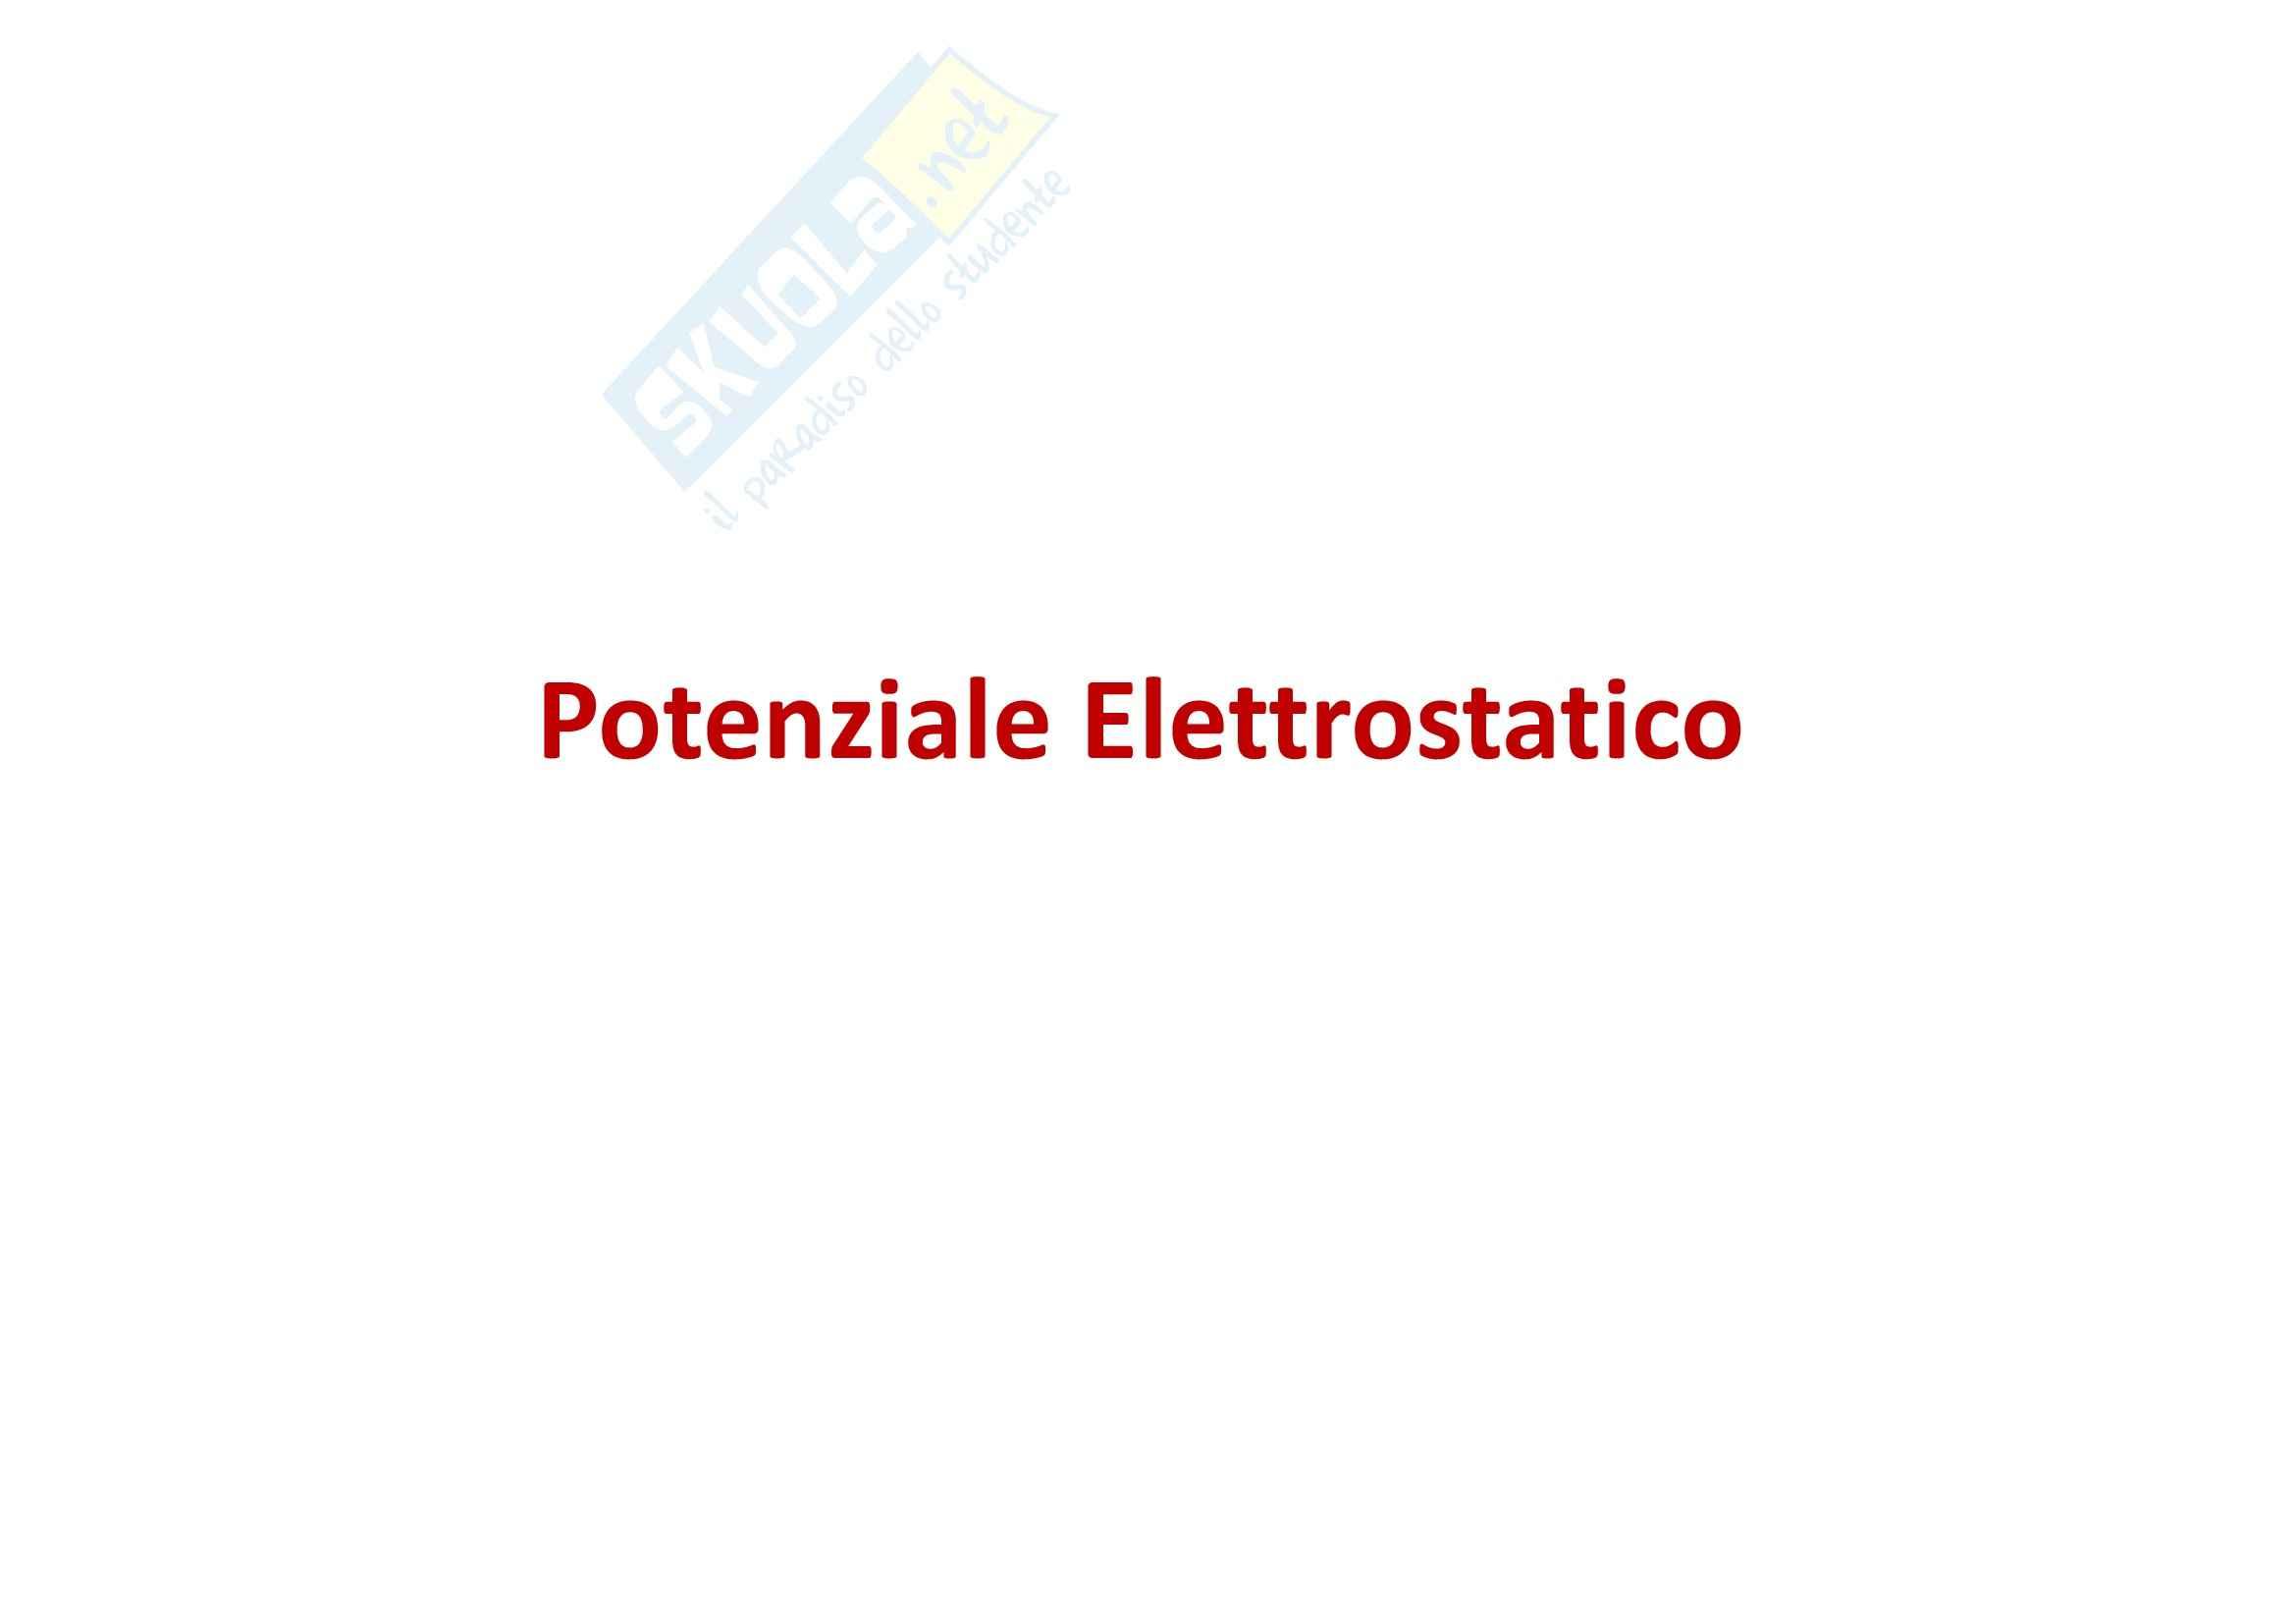 Fisica generale - l'elettromagnetismo potenziale elettrostatico